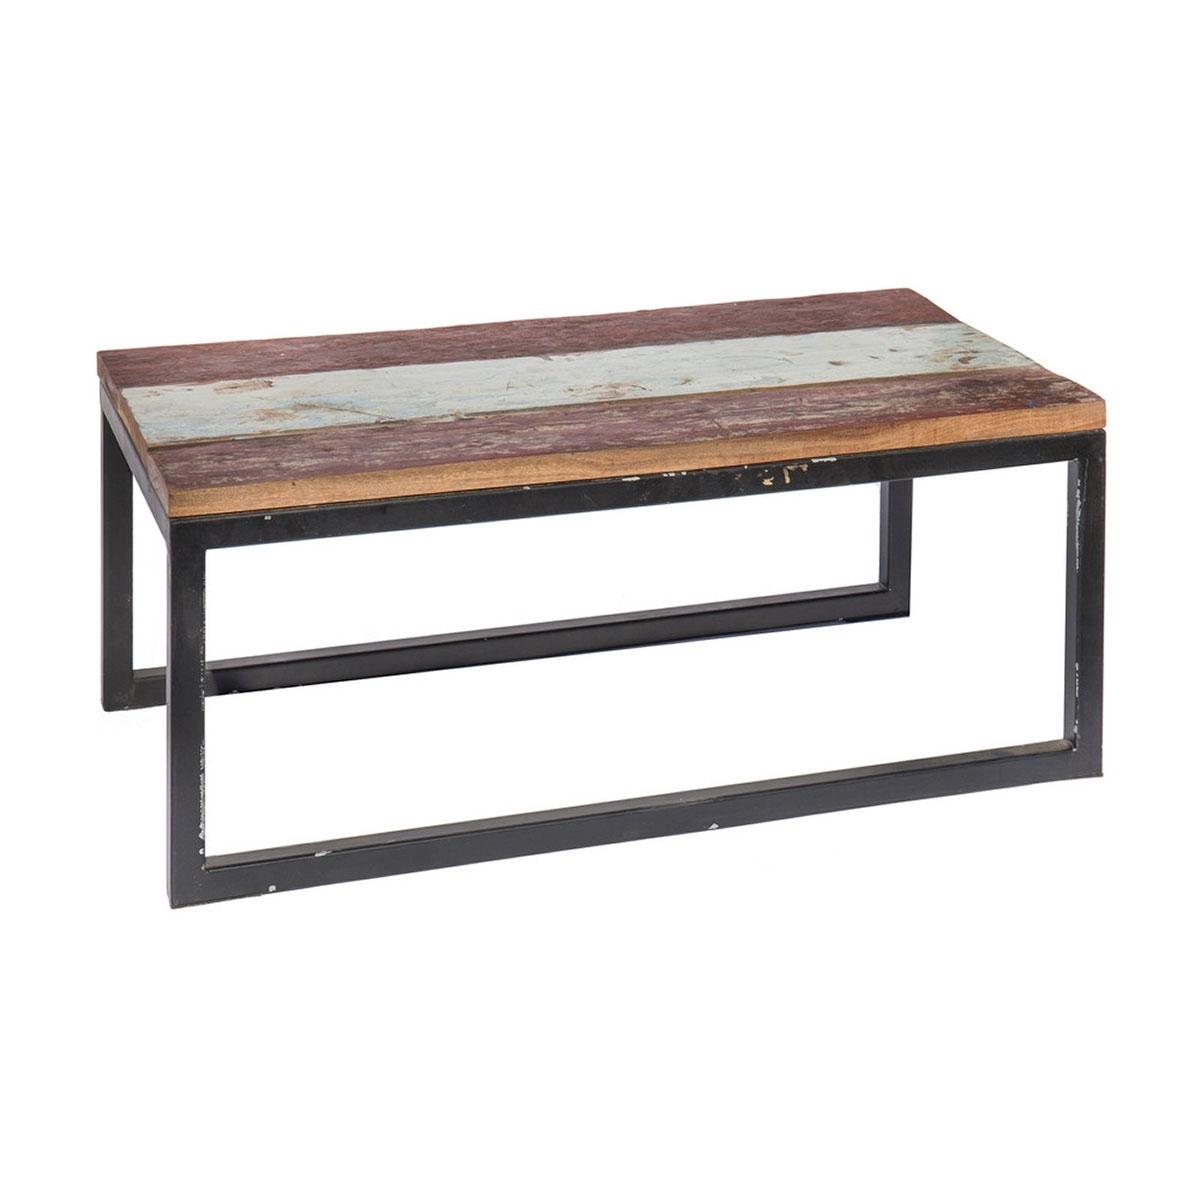 Table rectangulaire en teck coloré - Marron/blanc/noir - 90.00 cm x 50.00 cm x 38.00 cm